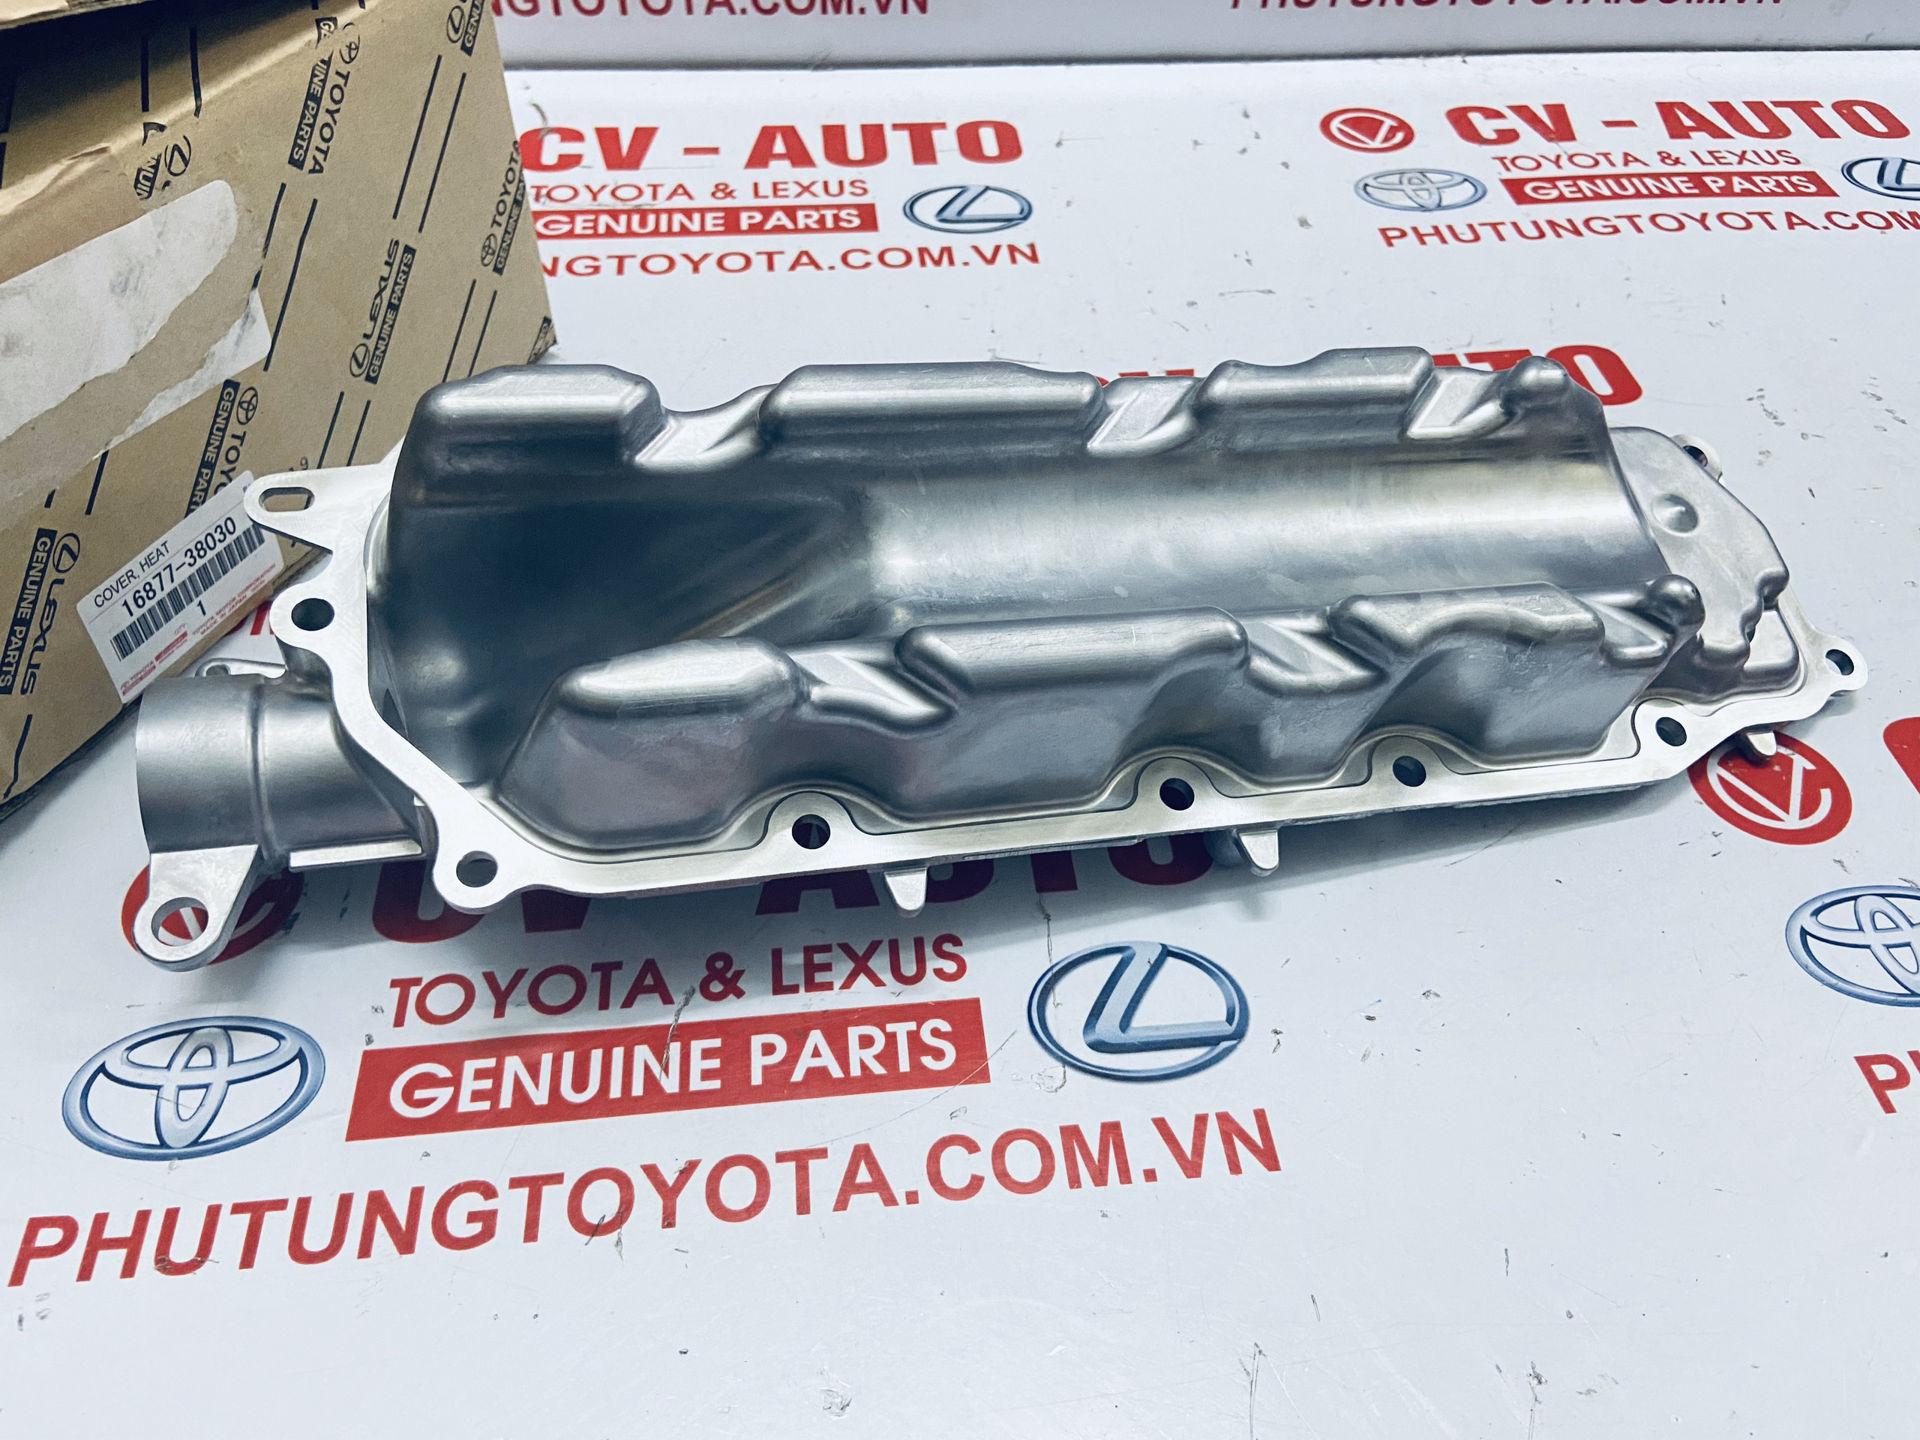 Picture of 16877-38030 Nắp áo nước lock máy Toyota Lexus hàng chính hãng